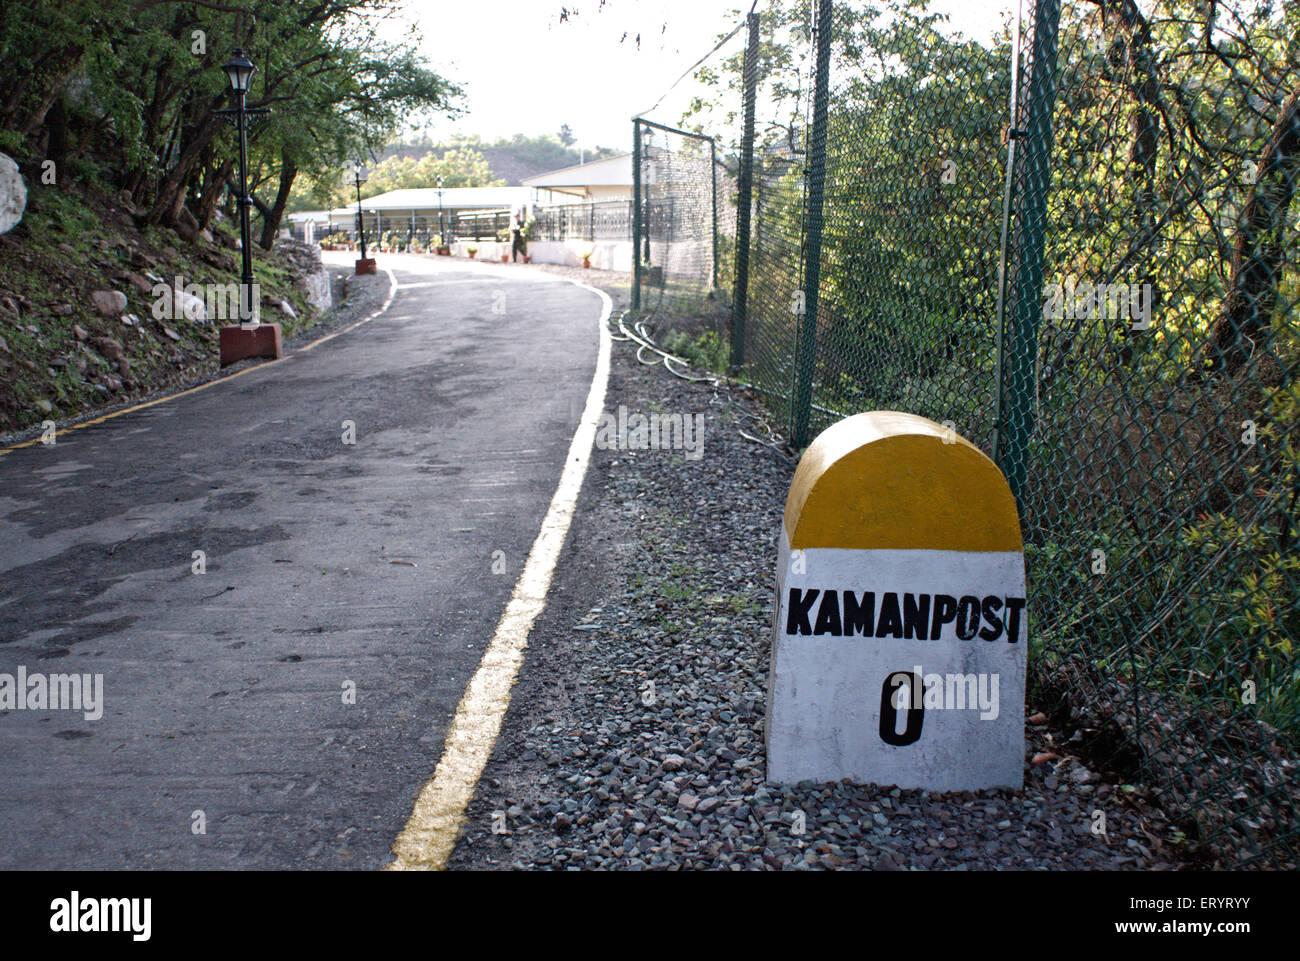 Pietra miliare che mostra la distanza di kamanpost e srinagar muzaffarabad road ; Uri ; Jammu e Kashmir ; India Immagini Stock